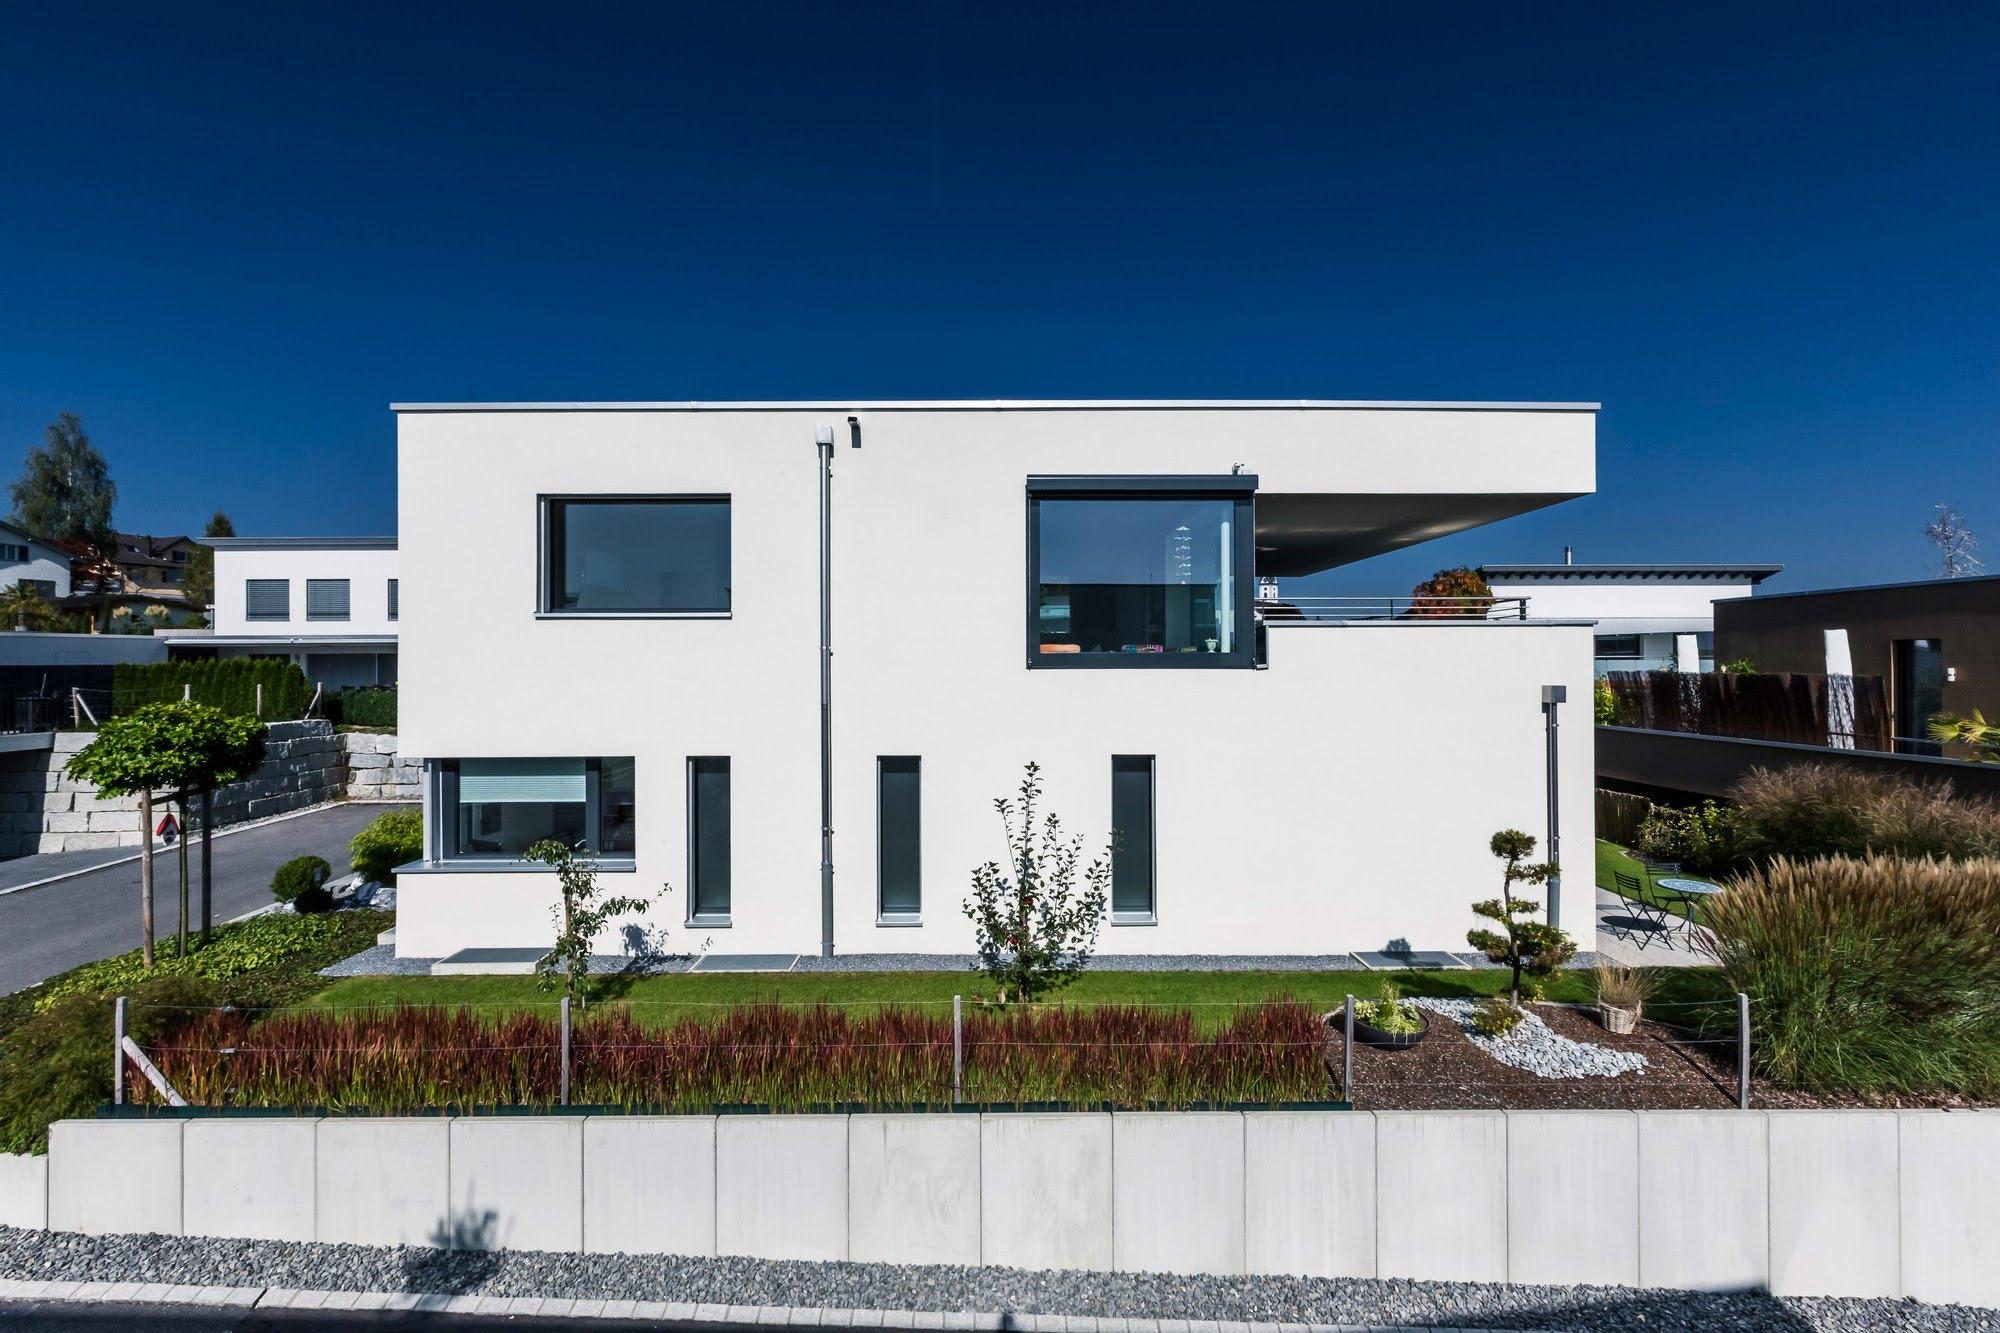 Wohnen EFH EFH in Rain Architektur,Wohnungsbau,Wohnhäuser,Einfamilienhäuser,Mehrfamilienhäuser